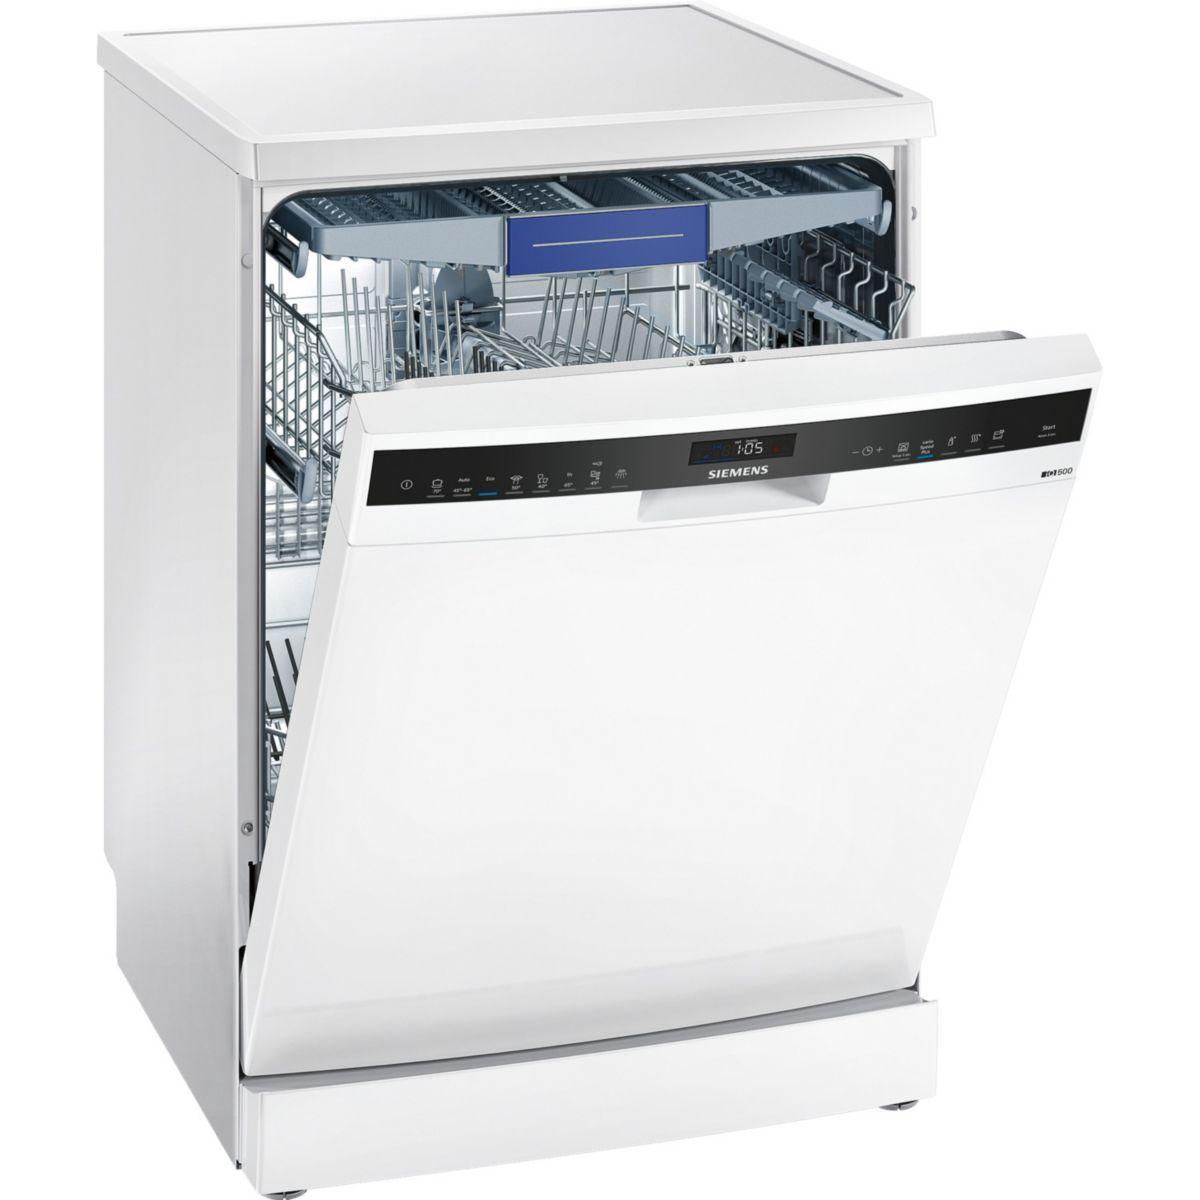 Lave vaisselle 60 cm siemens sn258w02me - livraison offerte : code liv